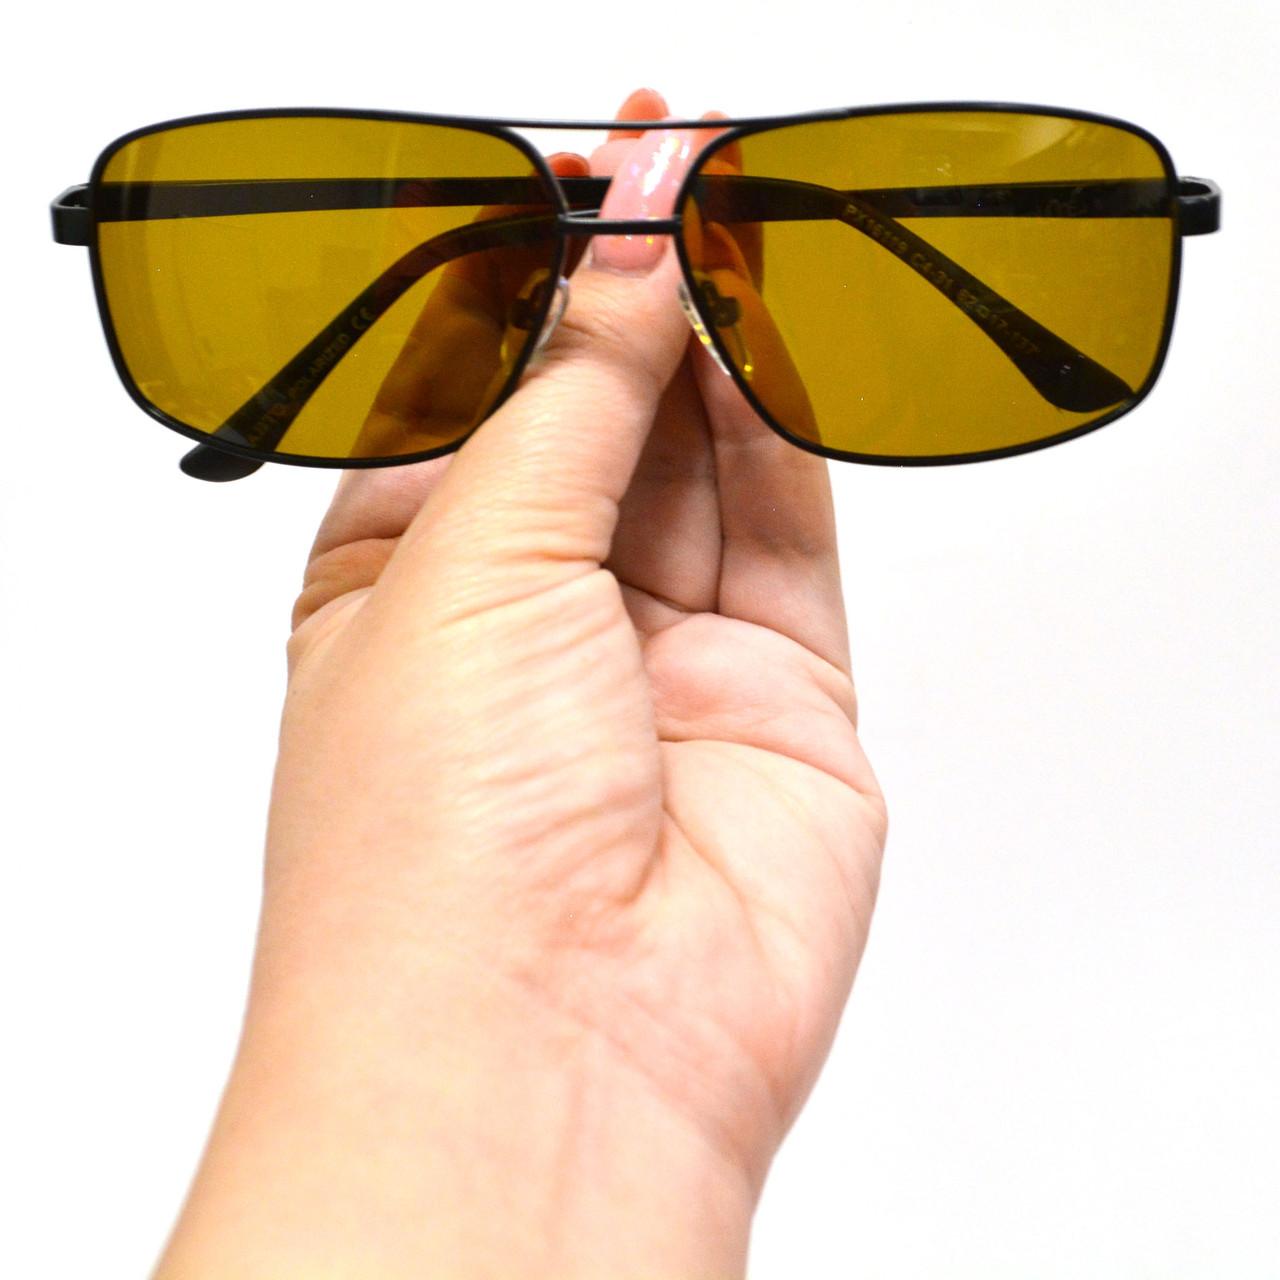 Солнцезащитные поляризационные очки ПОЛАРОИД UV400 тонкая сдвоенная оправа коричневые стекла АВТО PX16119 - фото 9